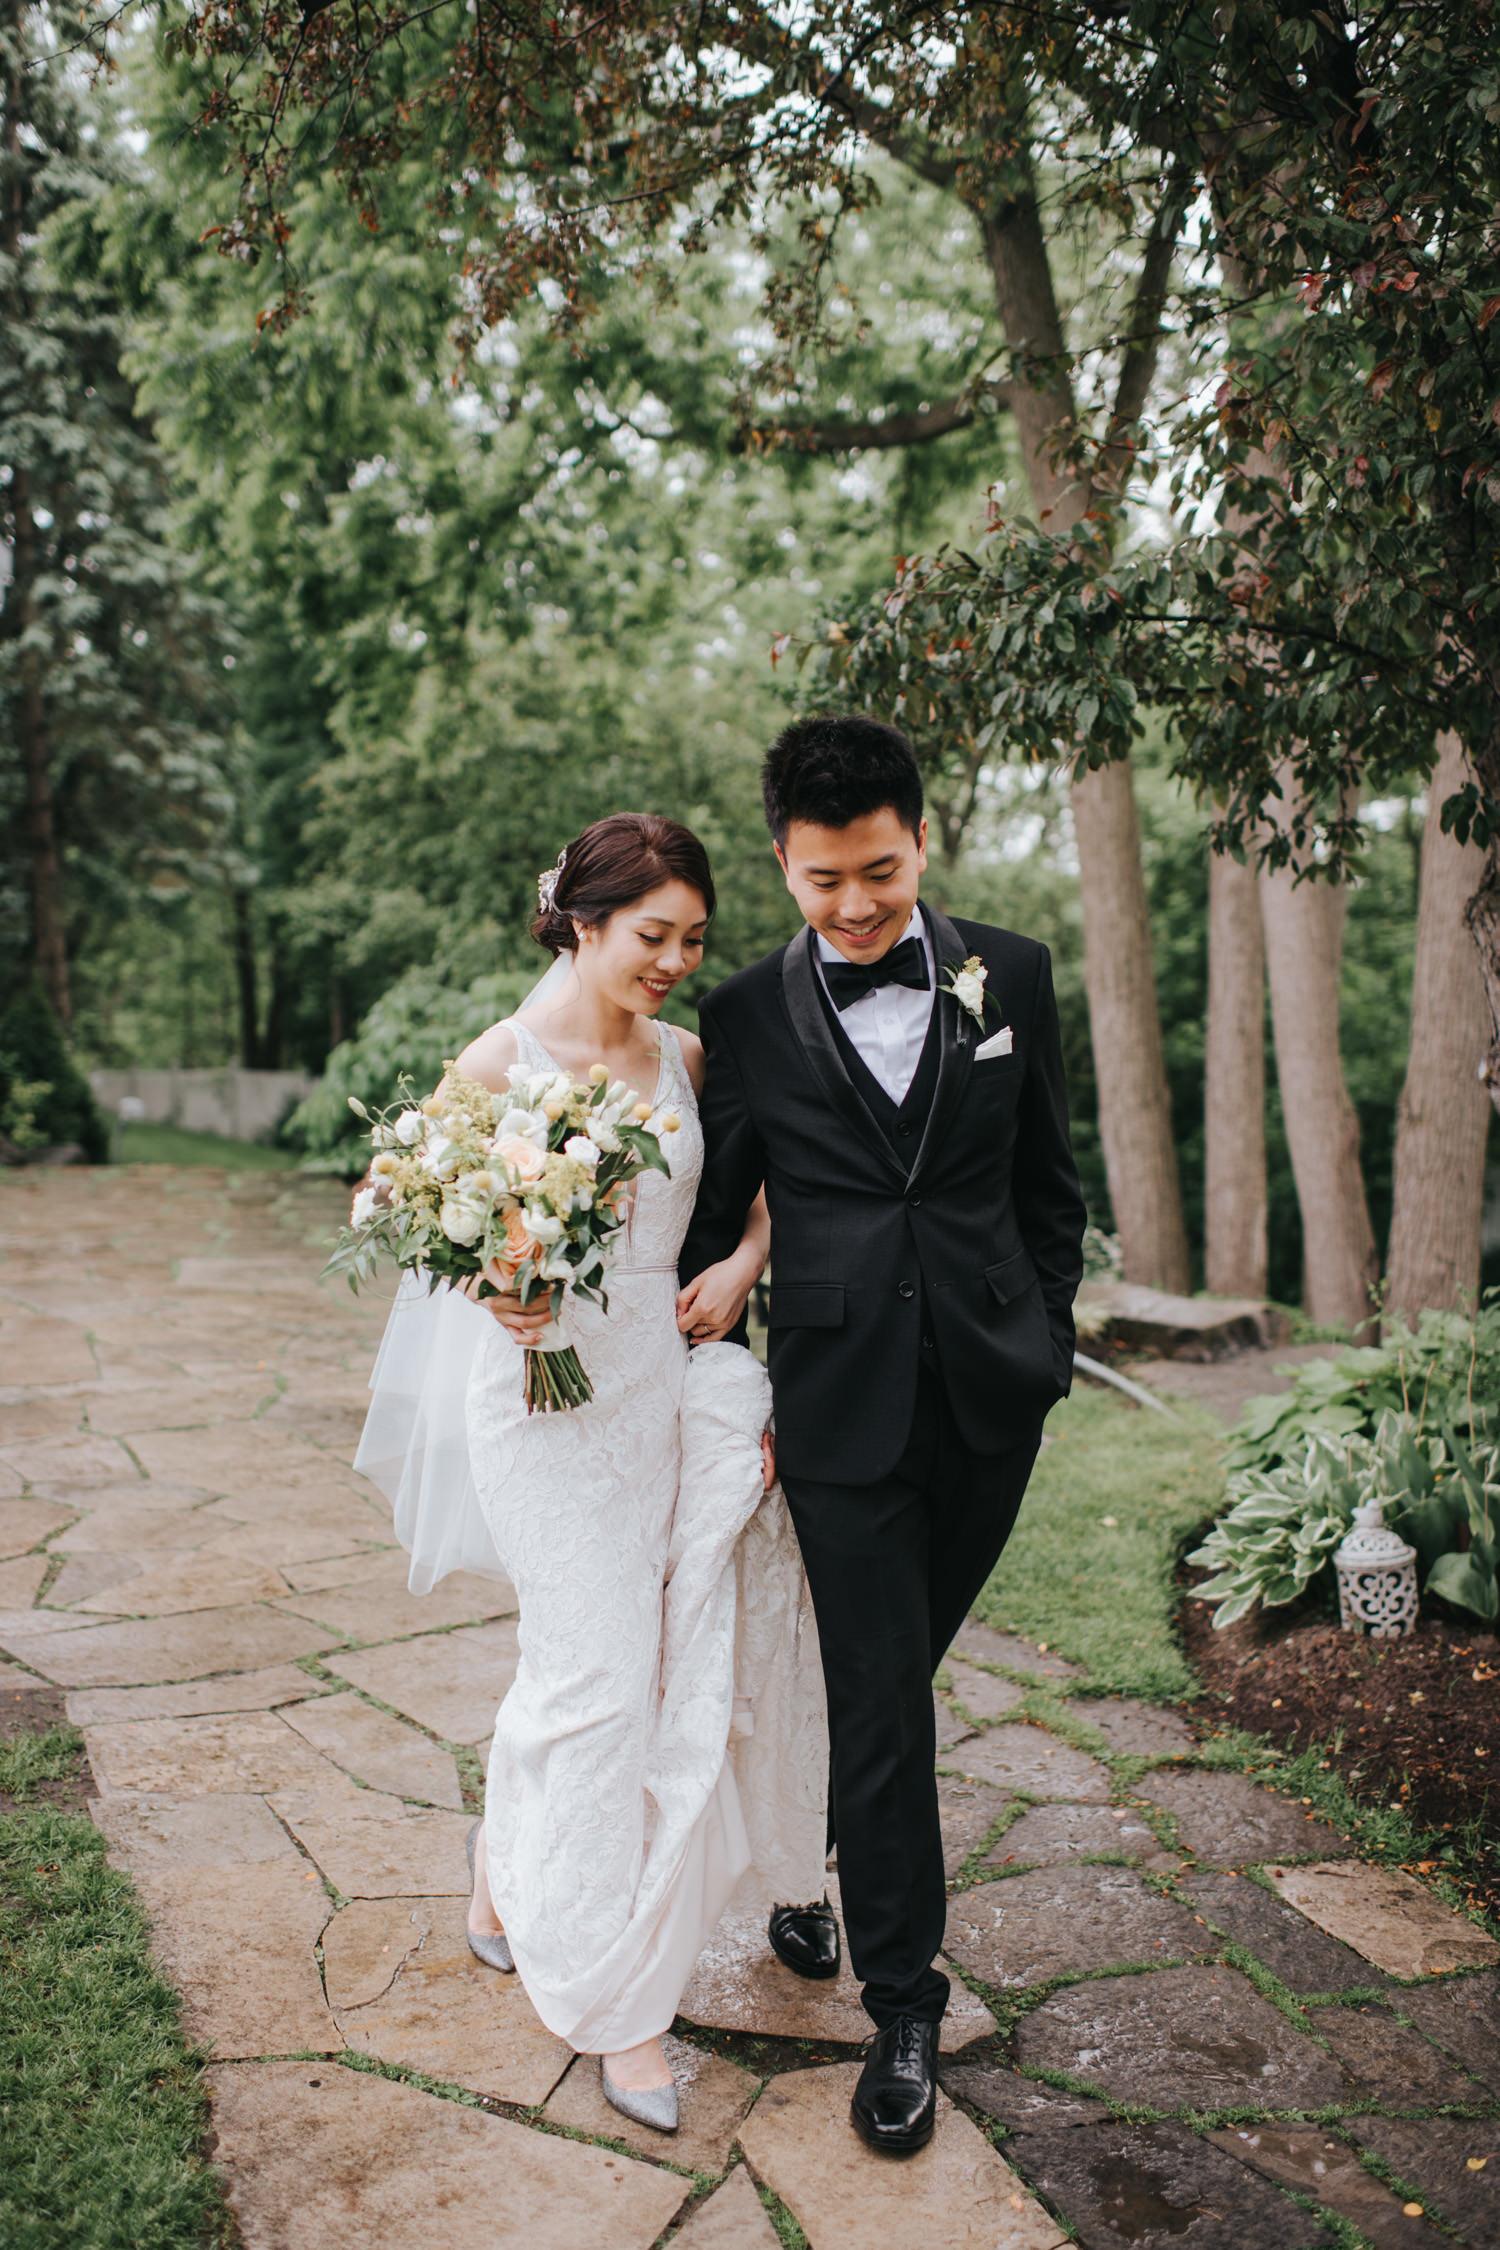 Doctor's House wedding ceremony raining outdoor romantic photo